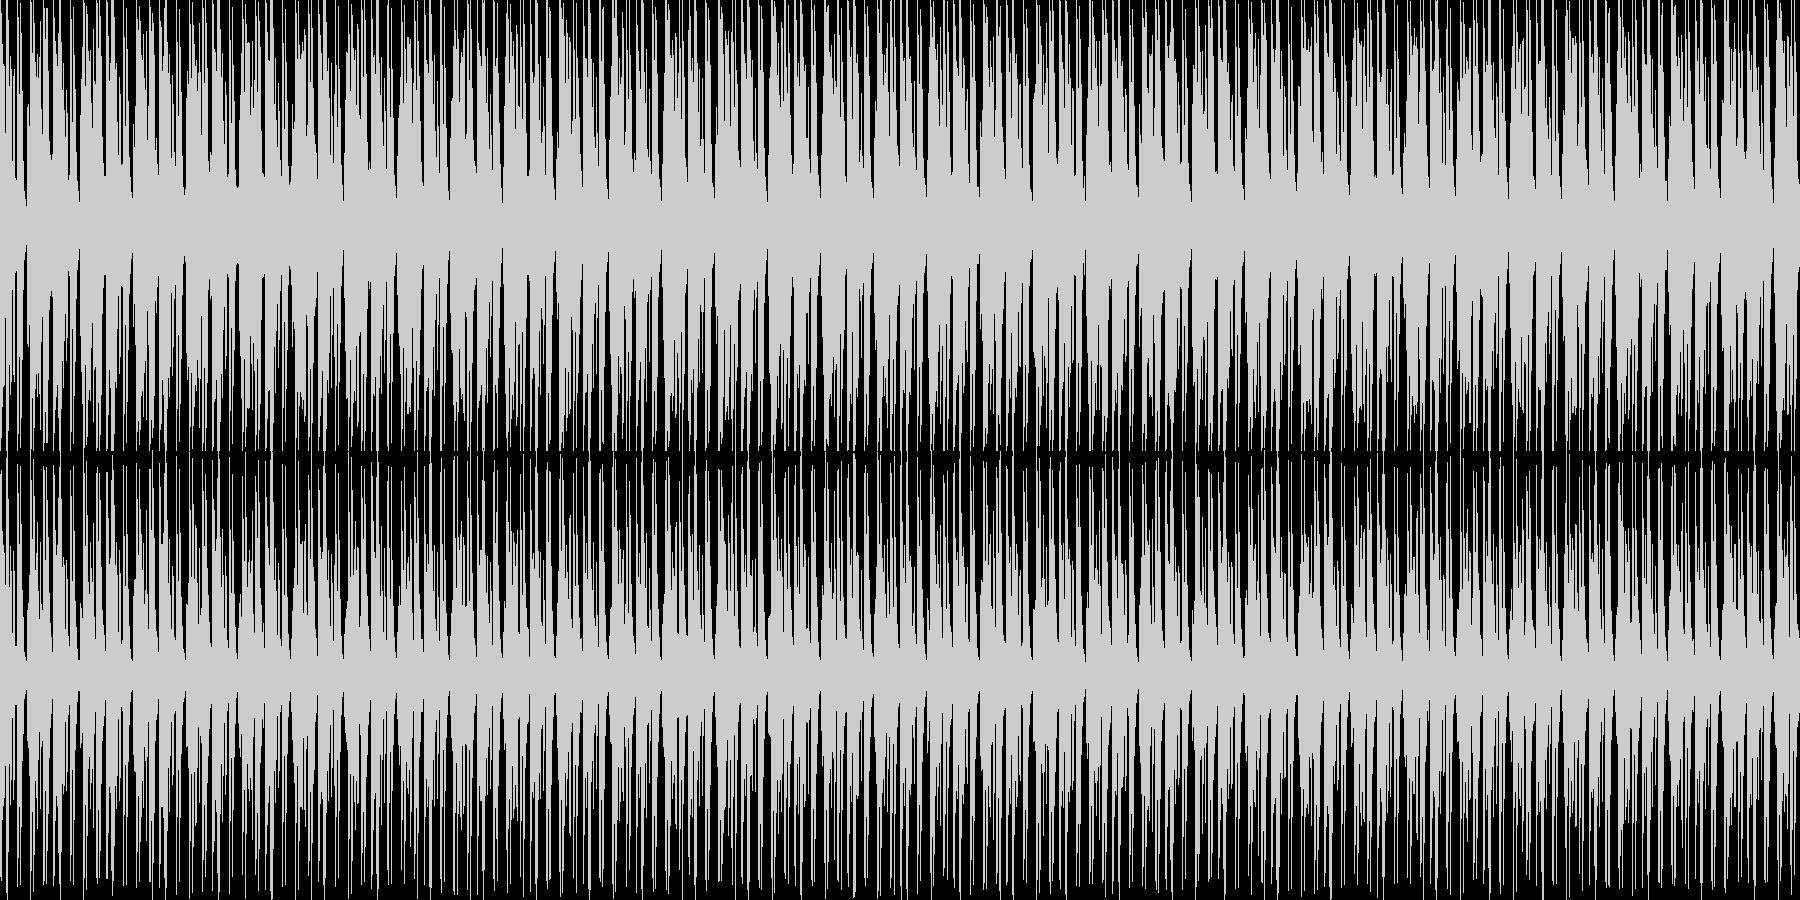 脳内研究所の未再生の波形